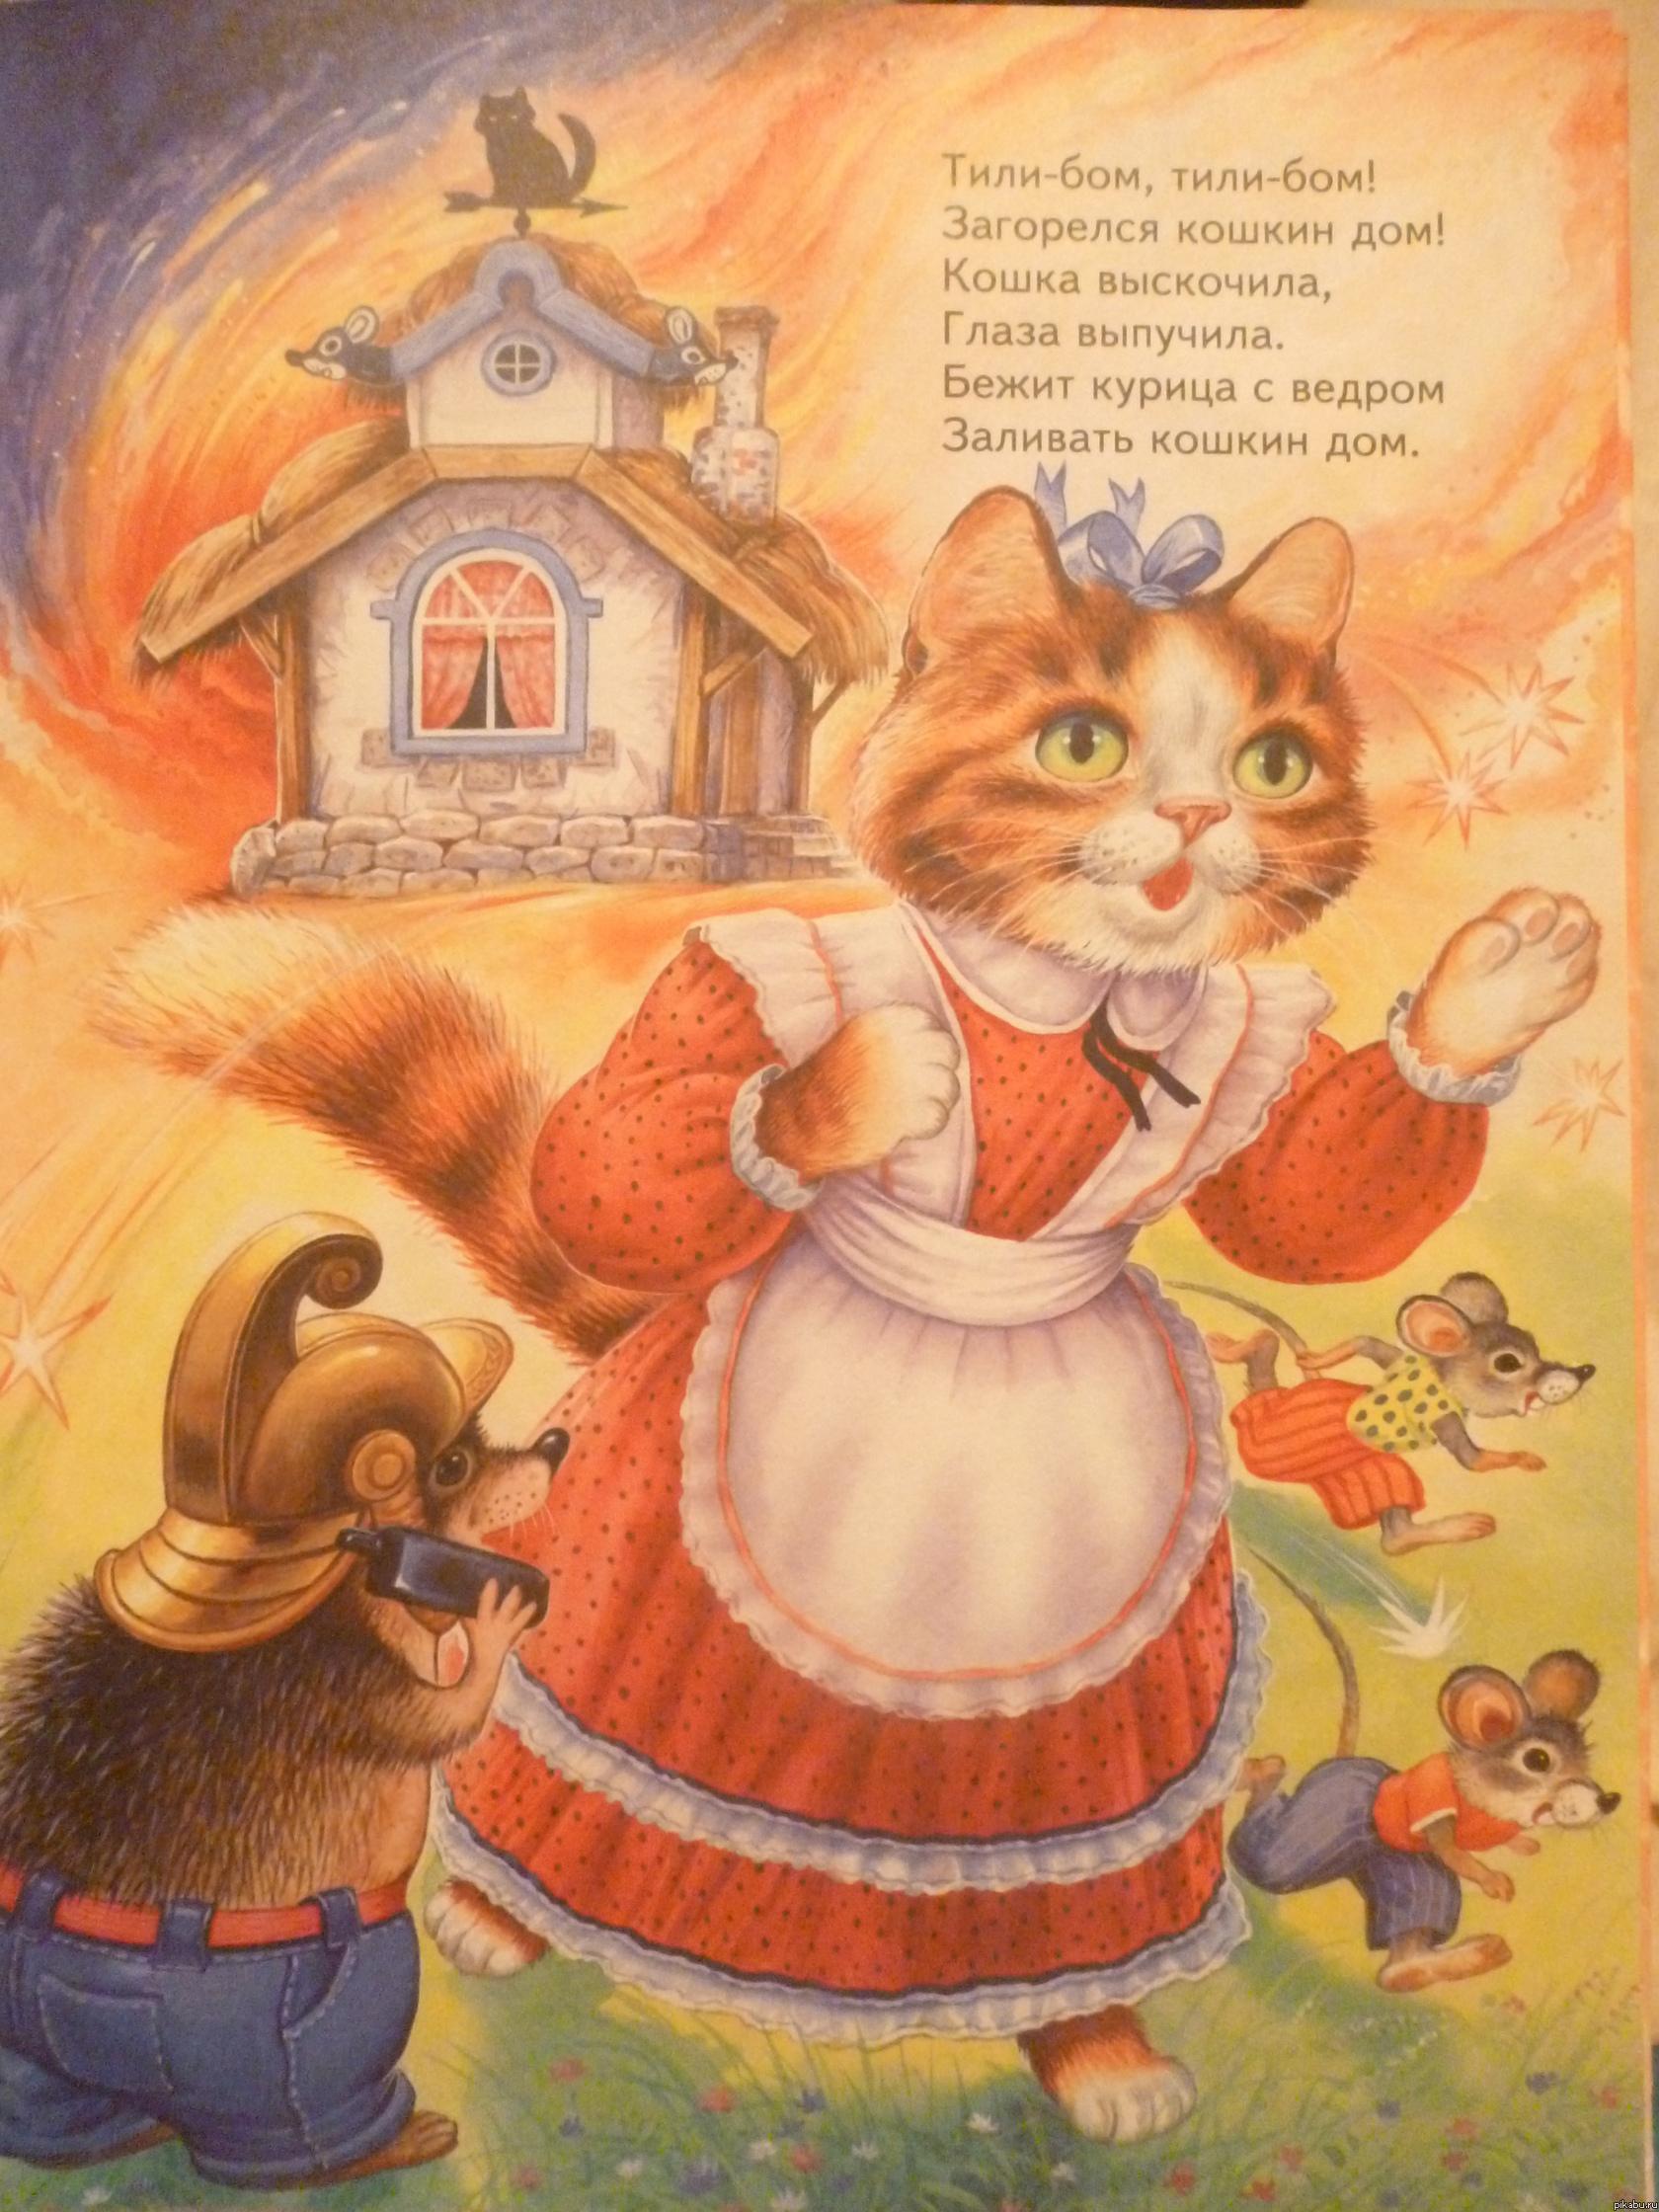 Кадры из фильма тили бом.тили бом.загорелся кошкин дом мультфильм